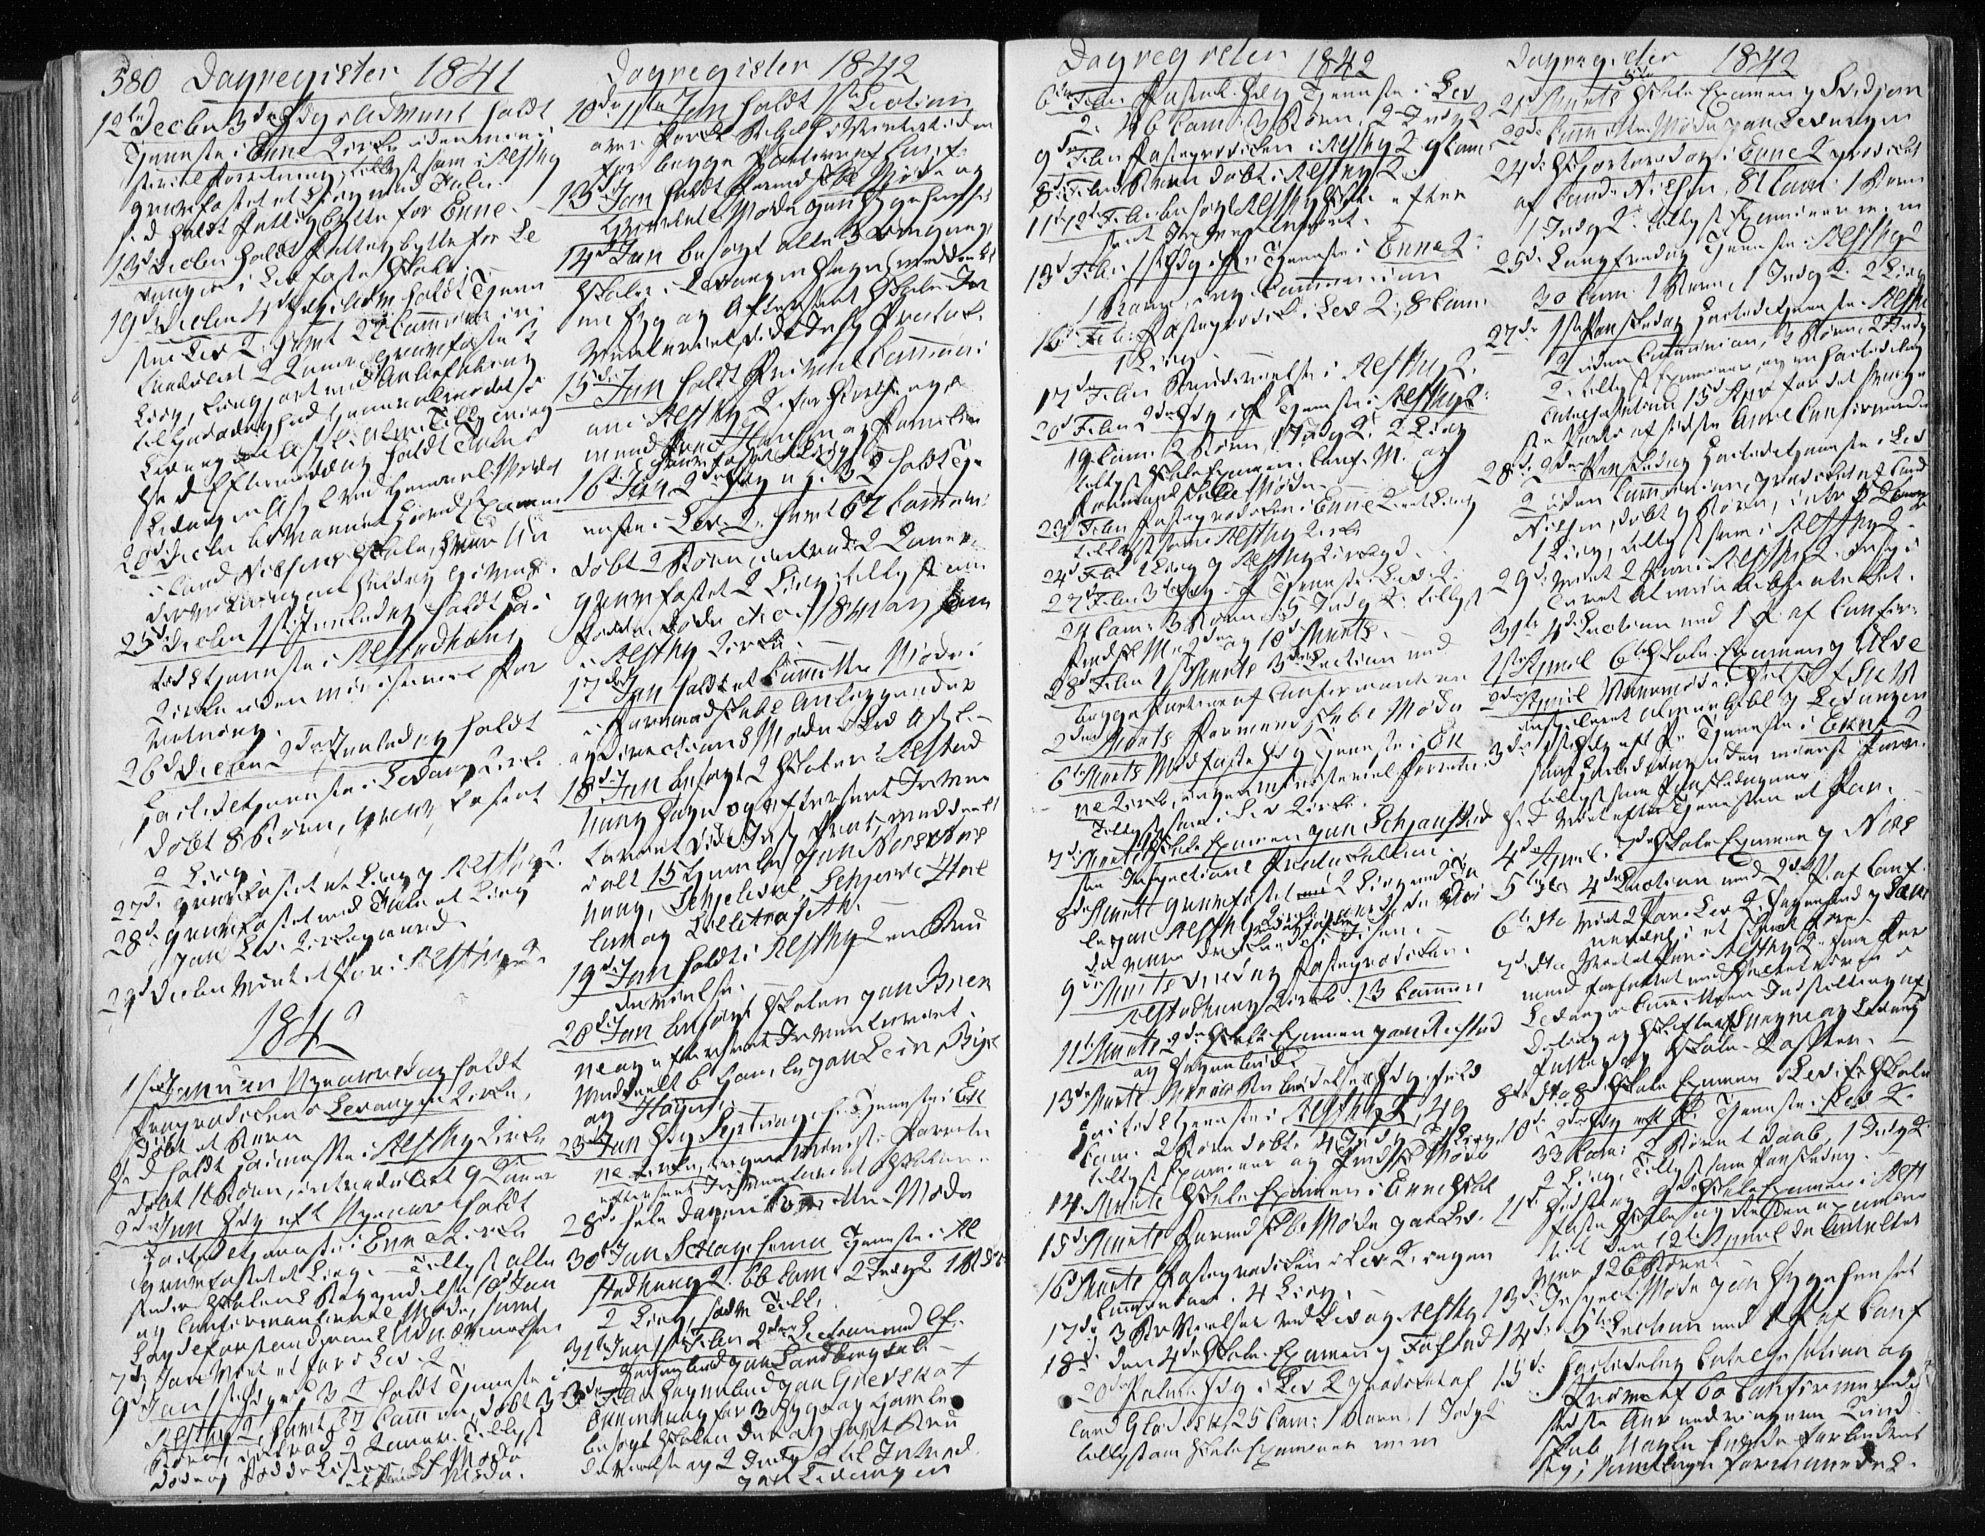 SAT, Ministerialprotokoller, klokkerbøker og fødselsregistre - Nord-Trøndelag, 717/L0154: Ministerialbok nr. 717A06 /1, 1836-1849, s. 580